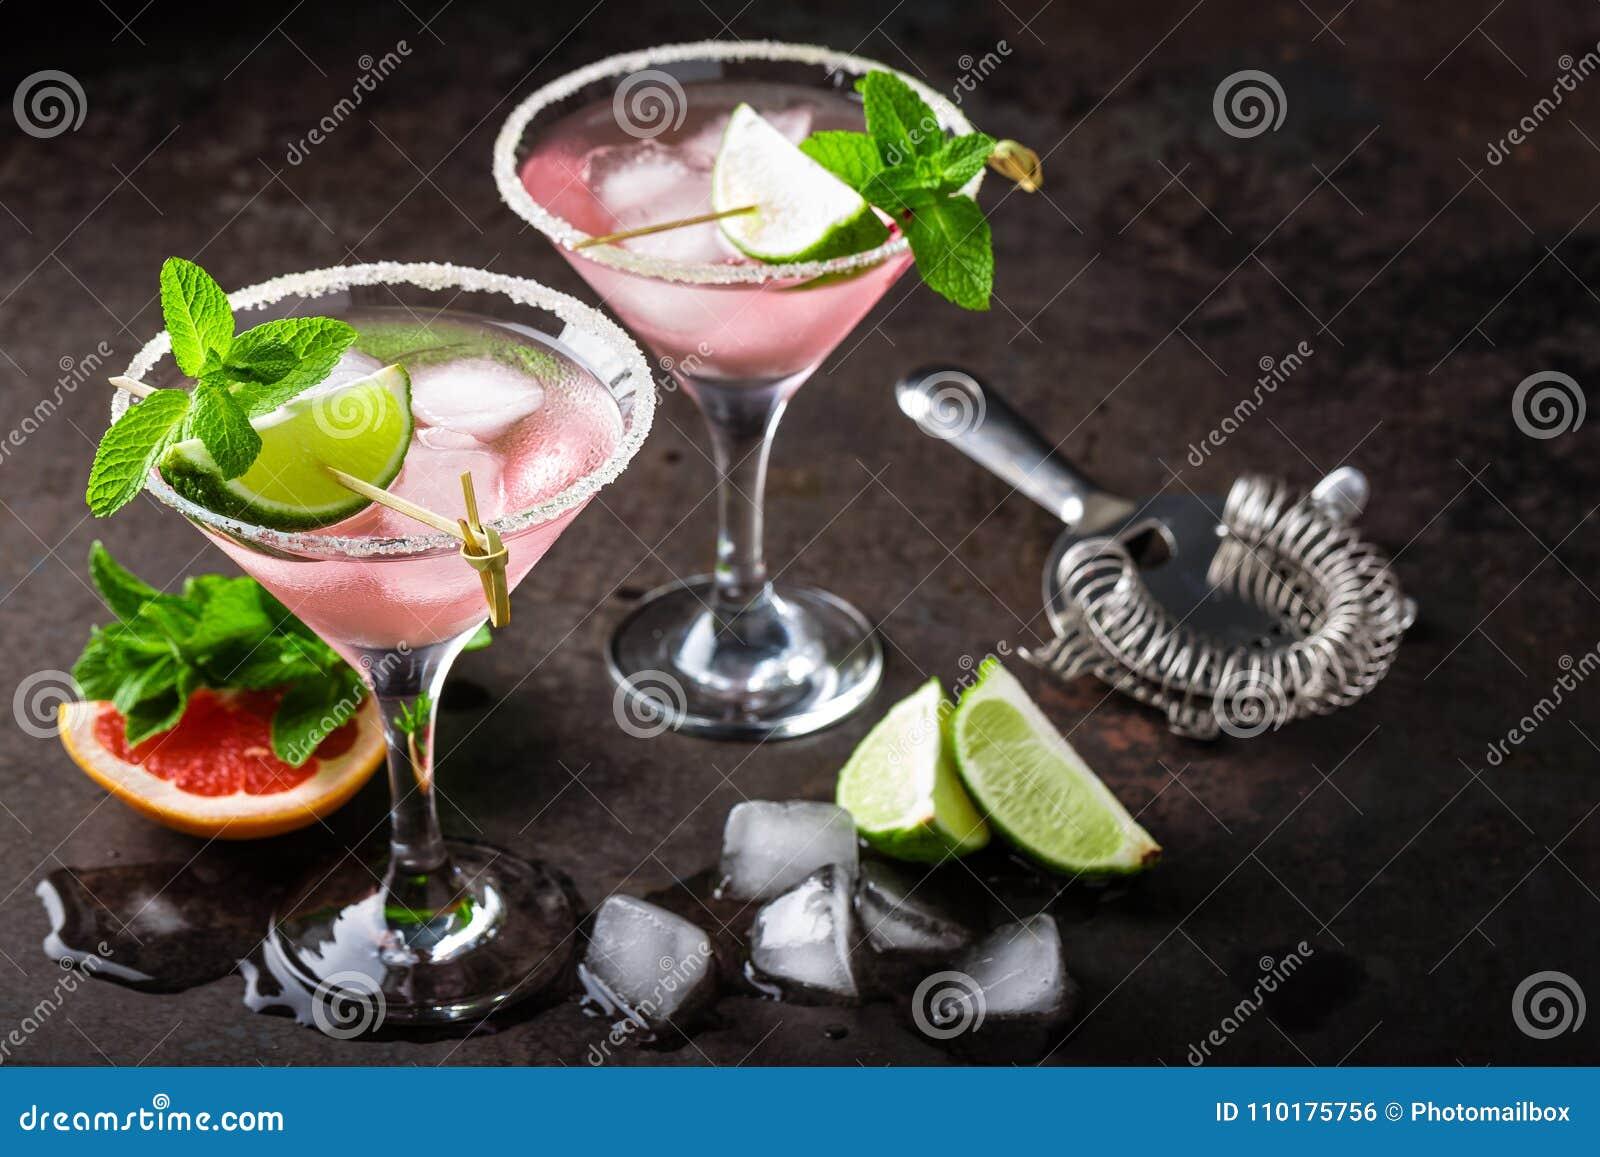 Cocktail de Margarita com borda salgada, cal e suco de toranja fresco, bebida de refrescamento ou bebida do citrino frio do verão